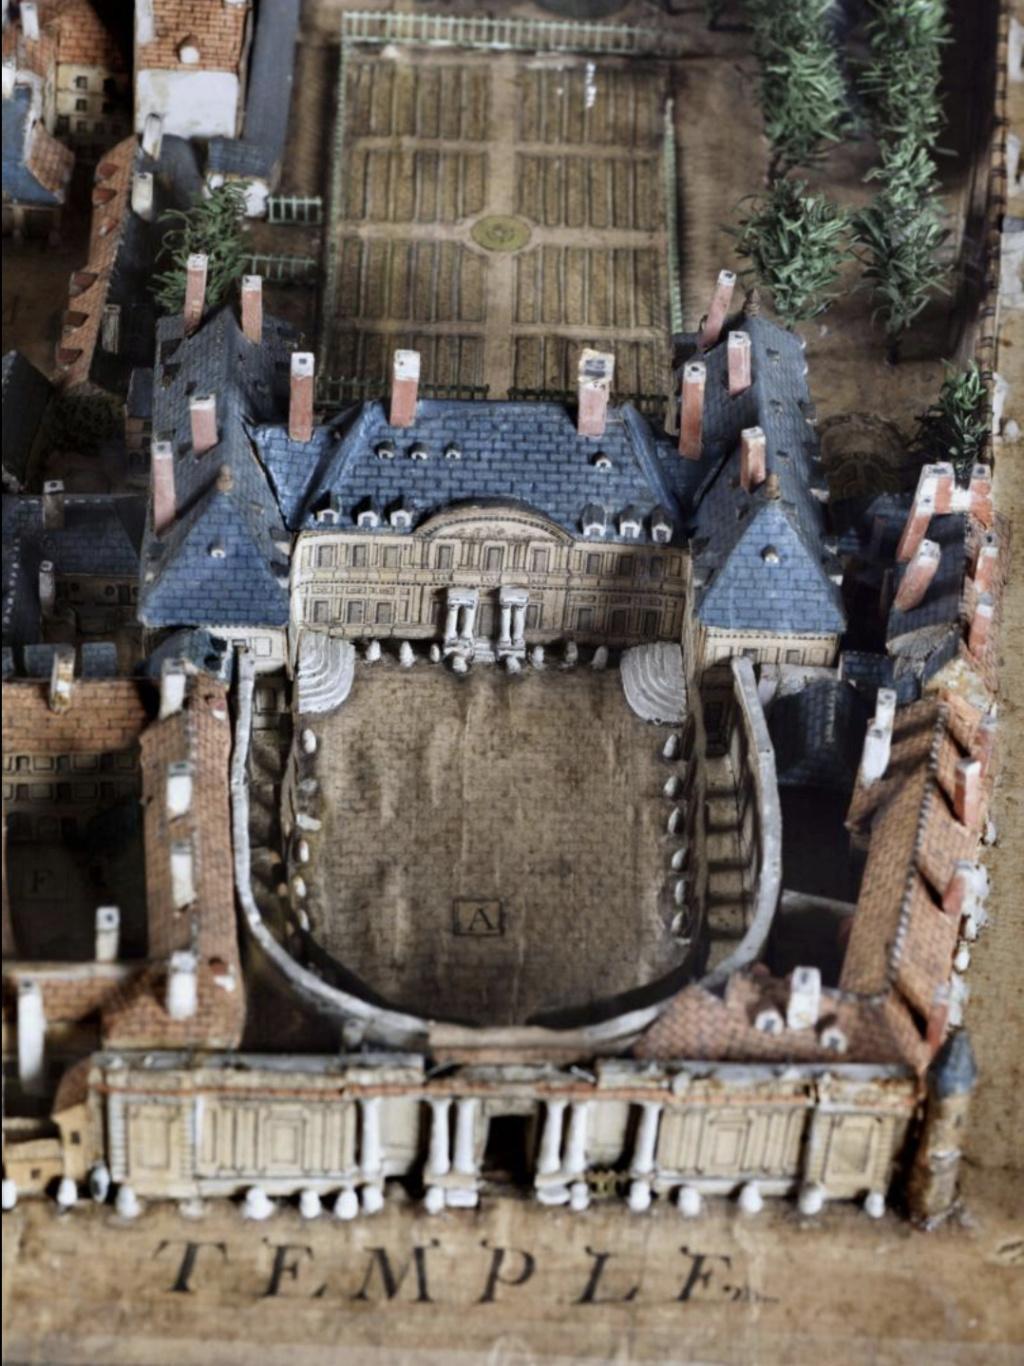 L'enclos du Temple au XVIIIe siècle - Page 3 Capt1721